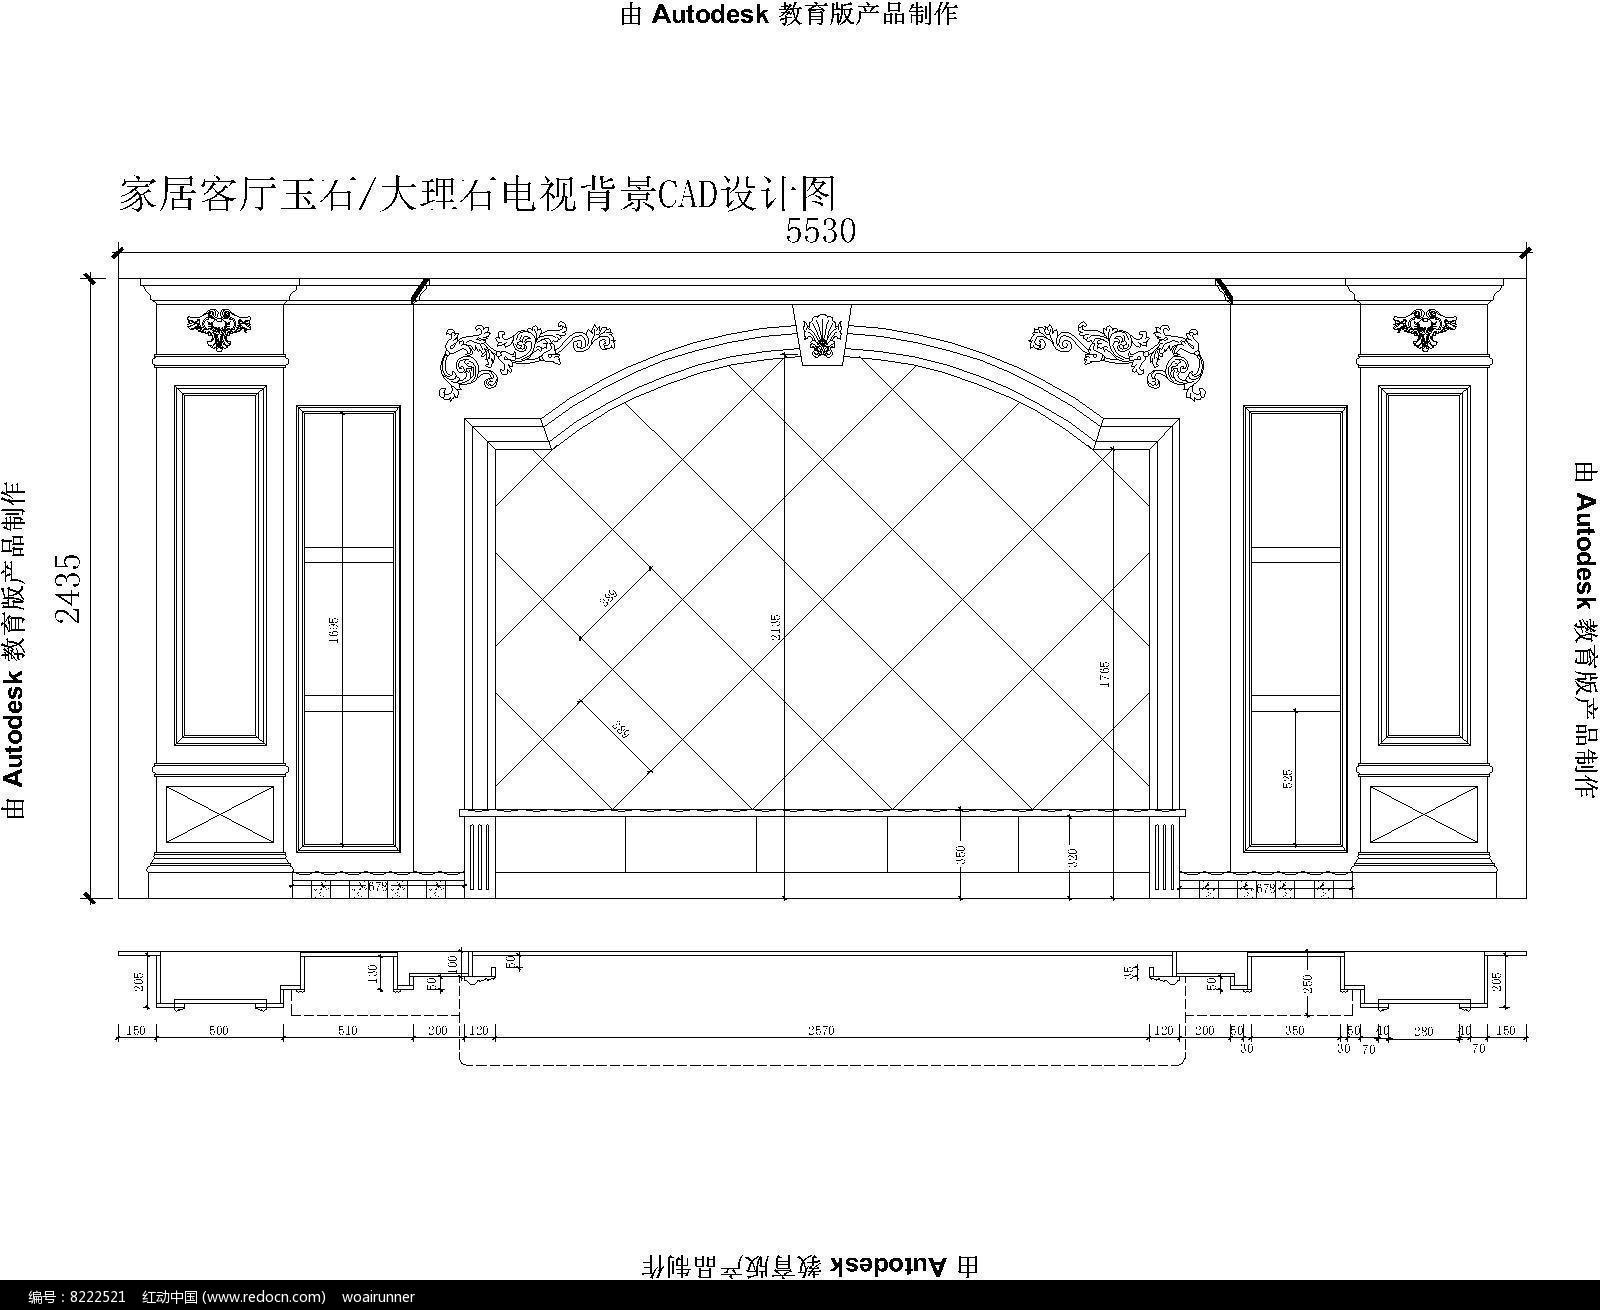 奥特曼大理石电视背景墙欧式客厅电视背景墙设计图图片